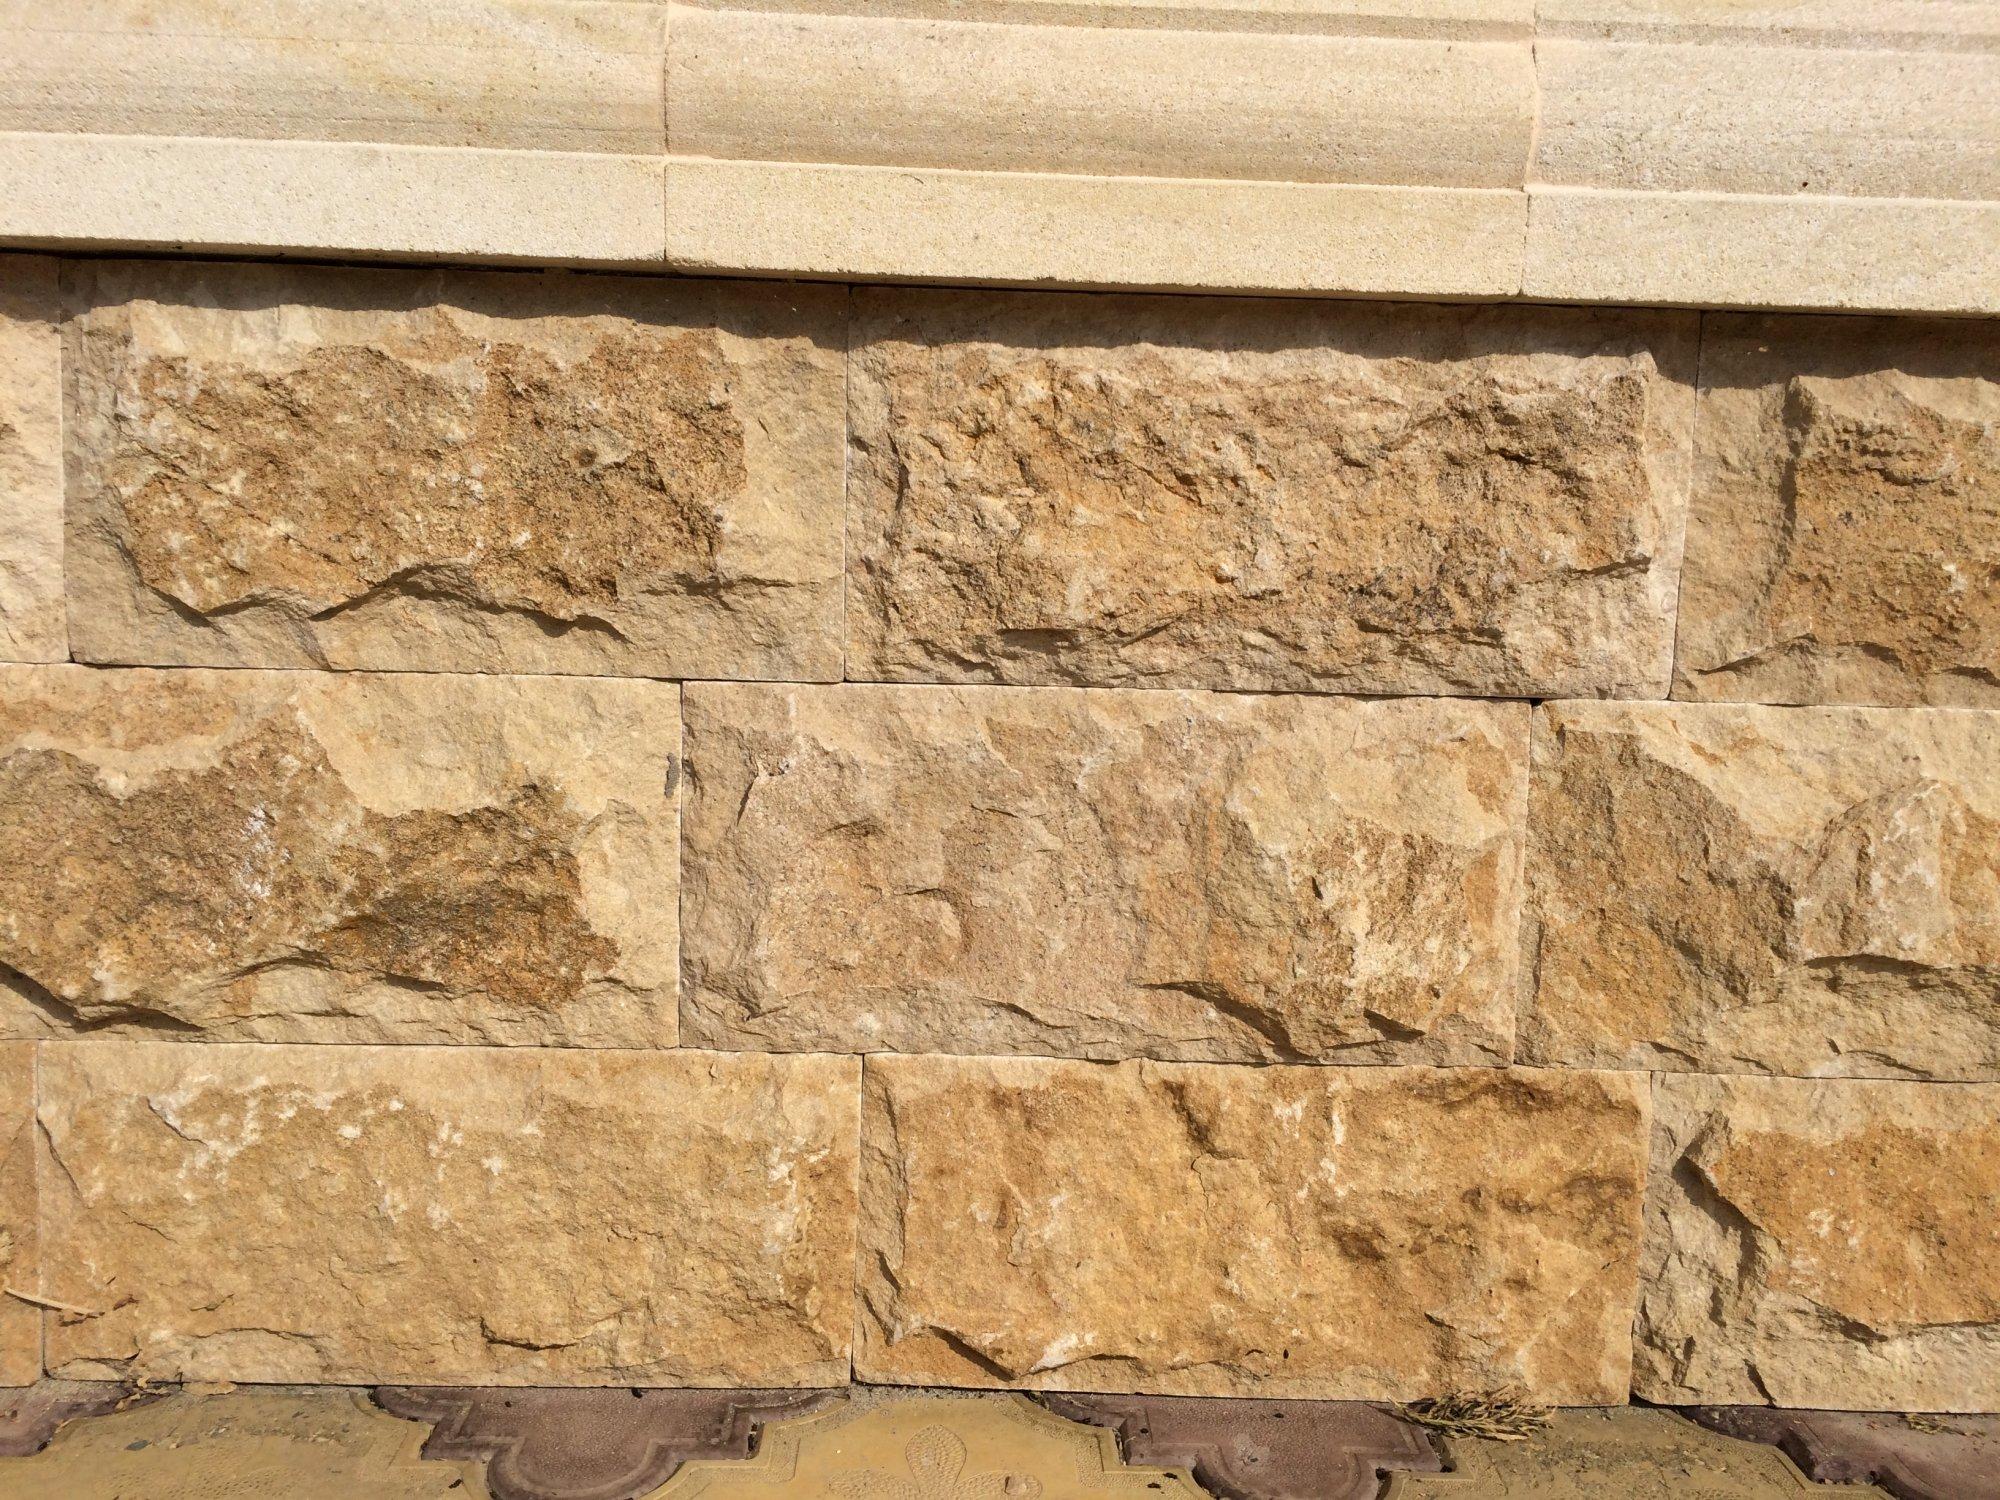 Фактура лицевой поверхности камня